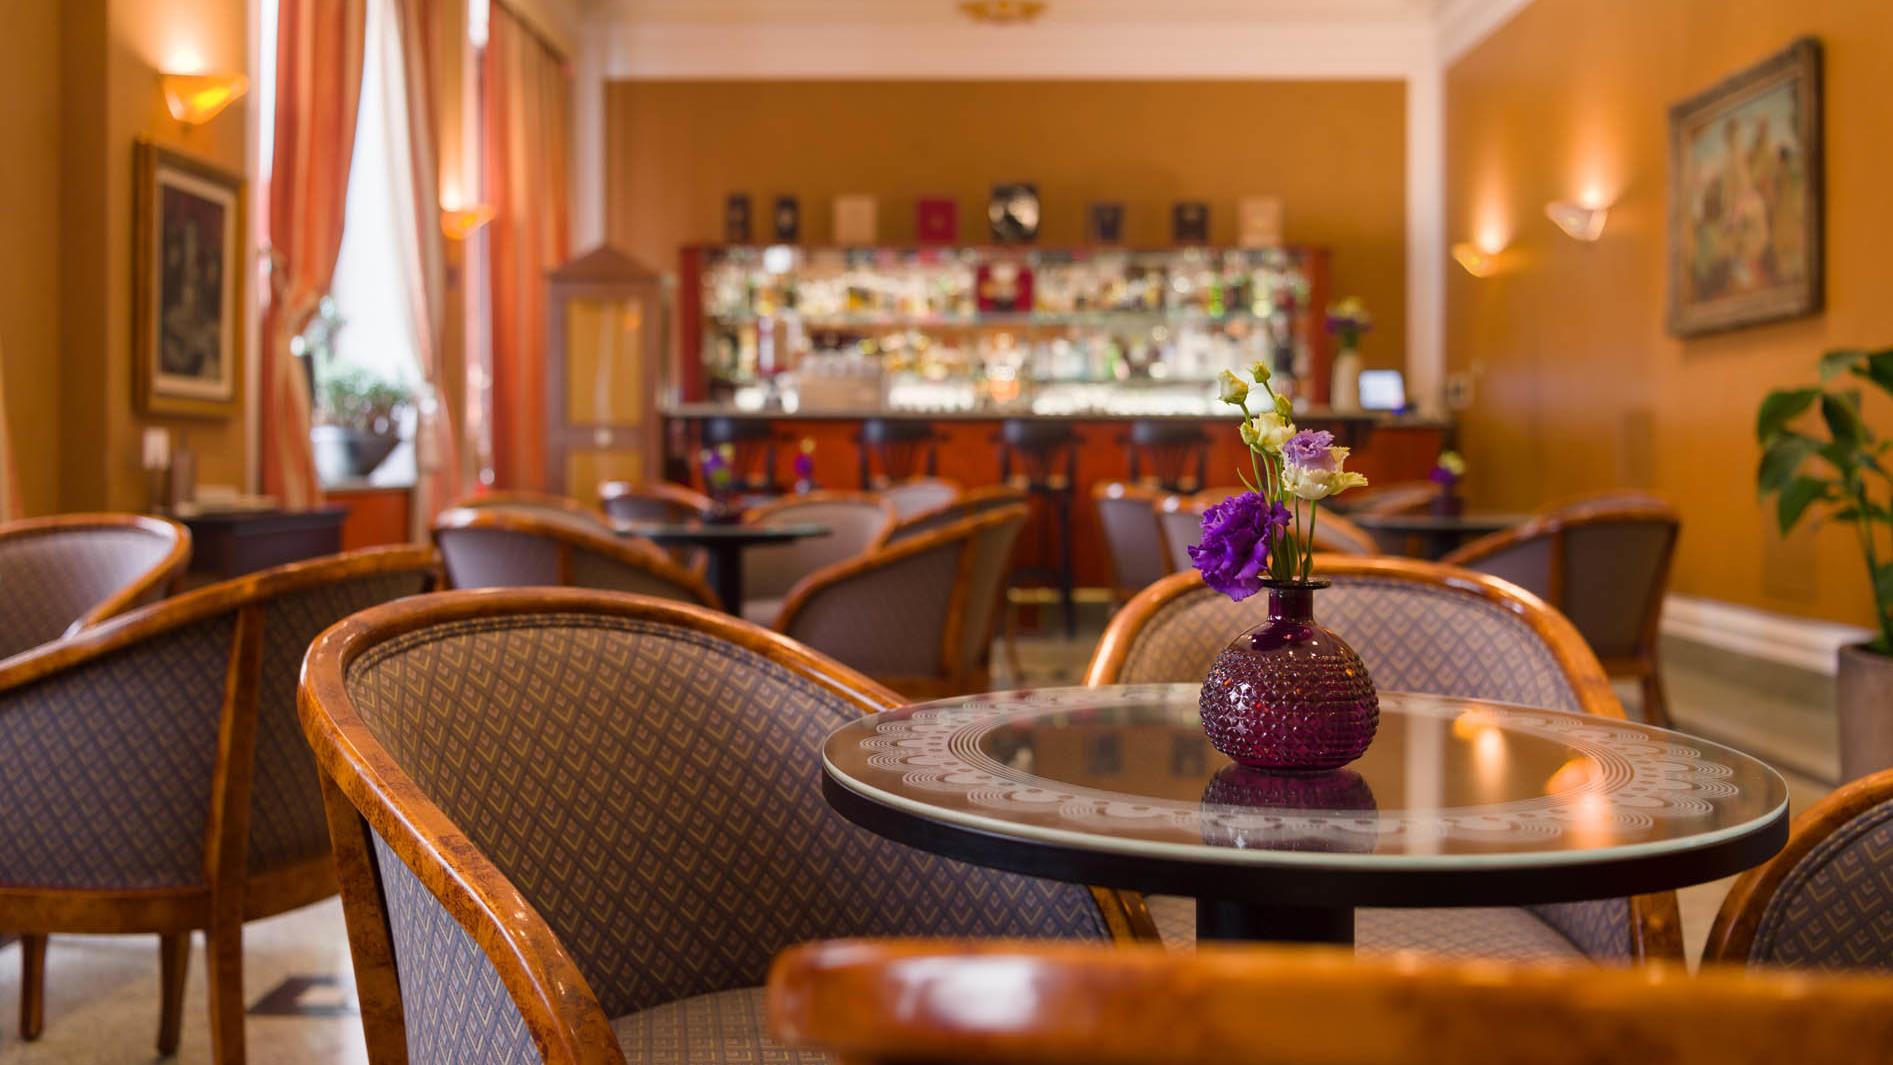 Lobby bar at Uhotel in Ljubljana